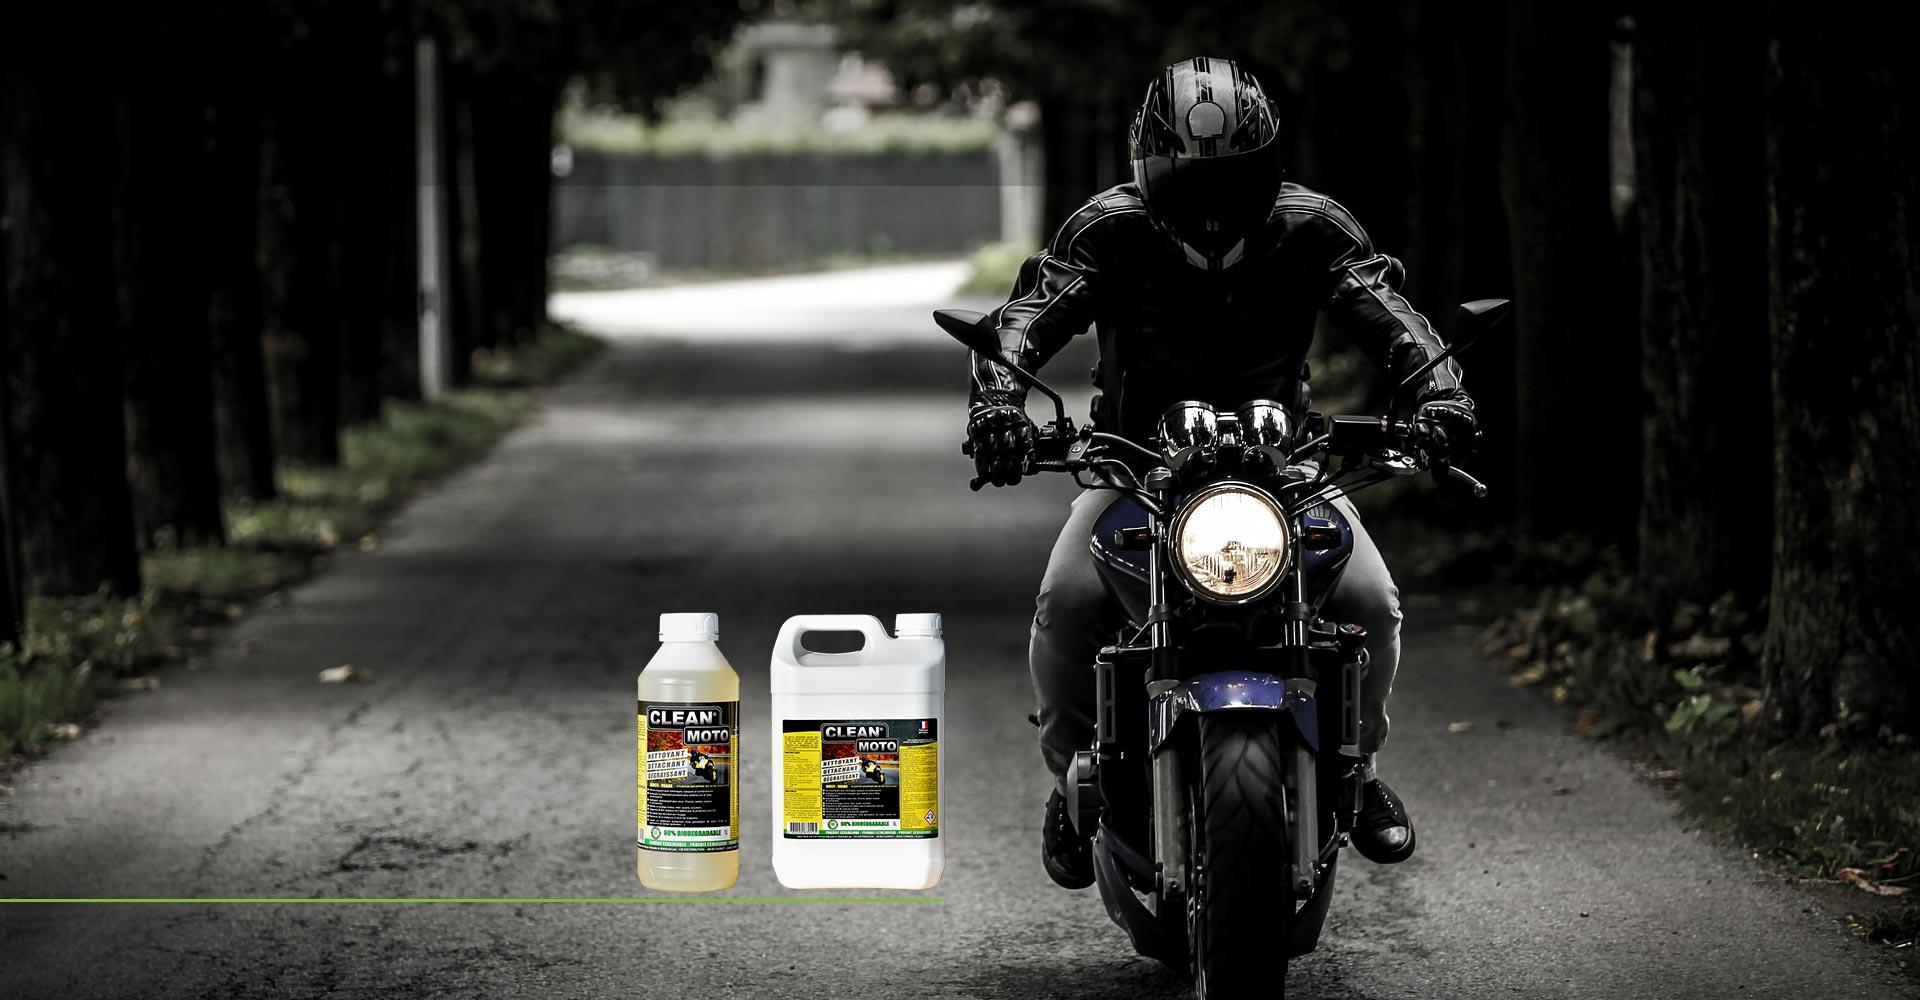 clean moto france officiel produit nettoyant et de protection pour la moto nettoyer. Black Bedroom Furniture Sets. Home Design Ideas